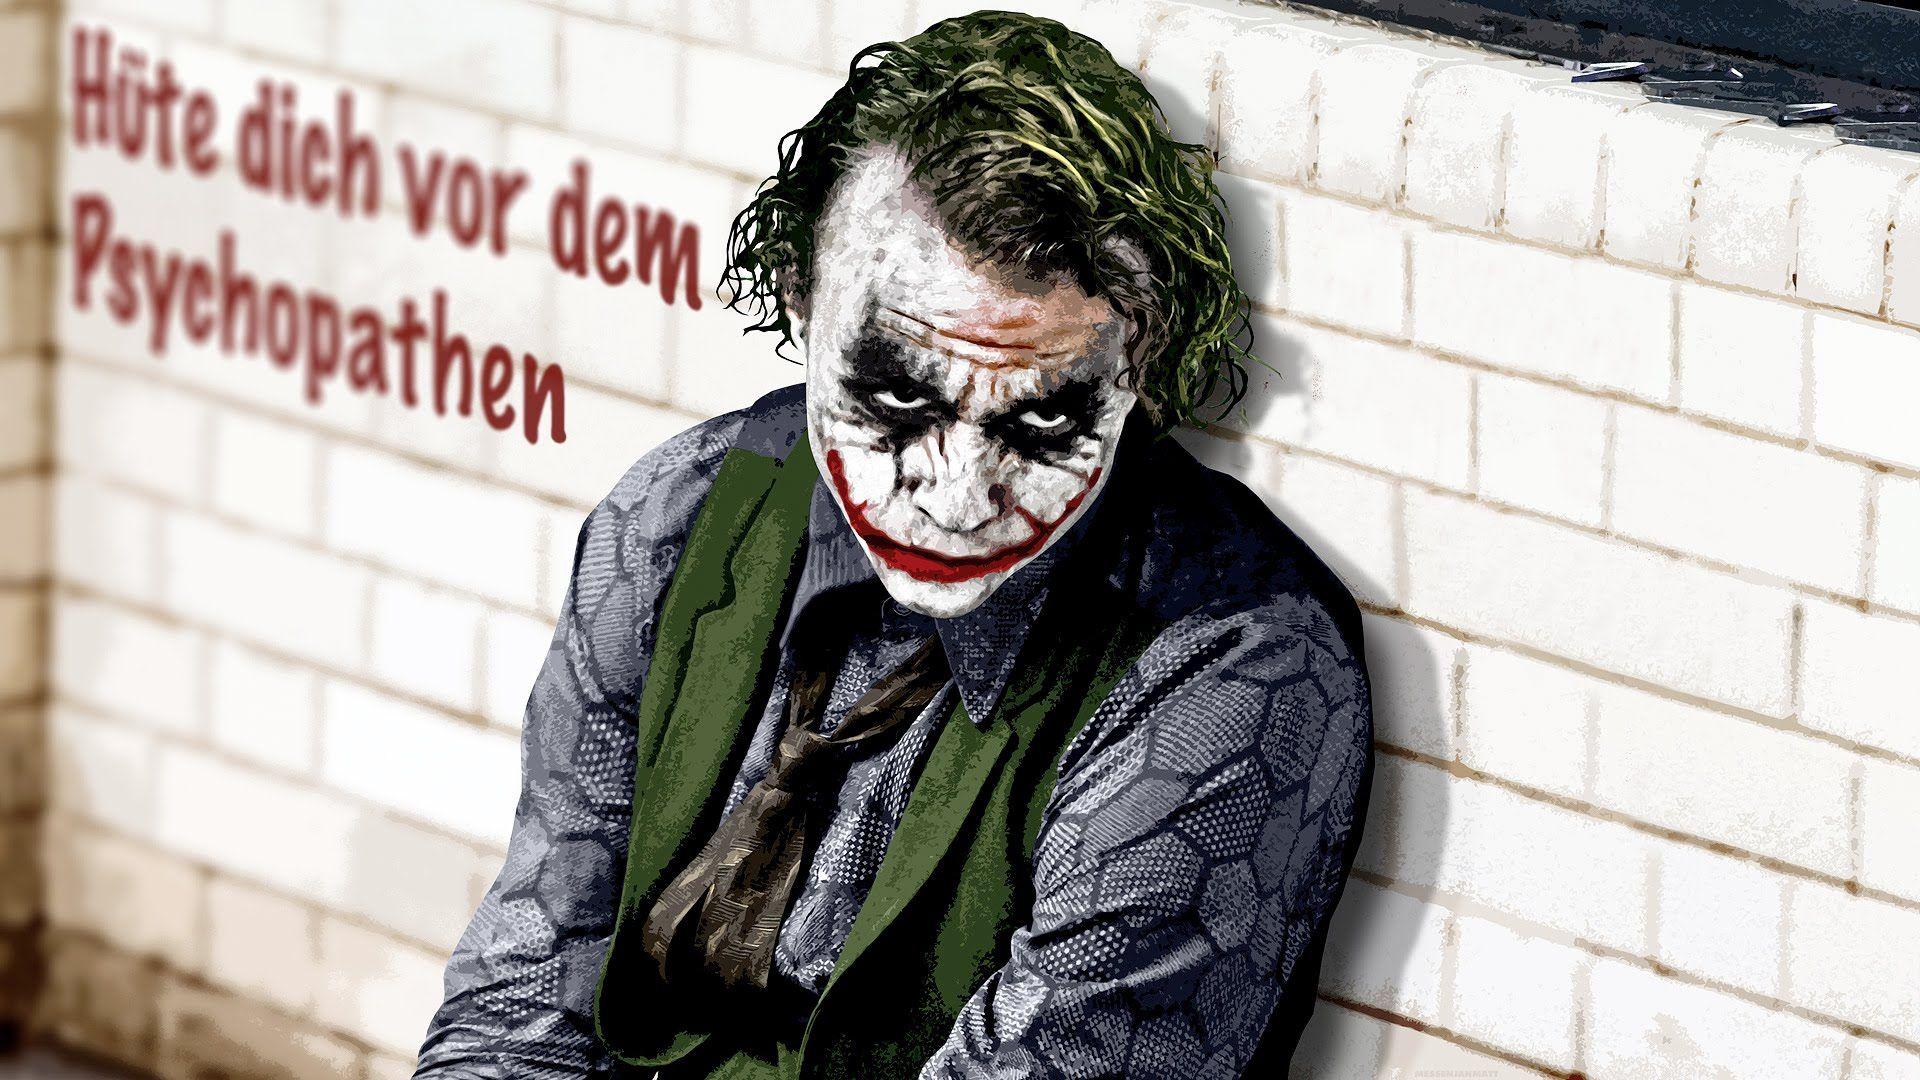 Hüte dich vor dem Psychopathen (mit Bildern)   Joker dark